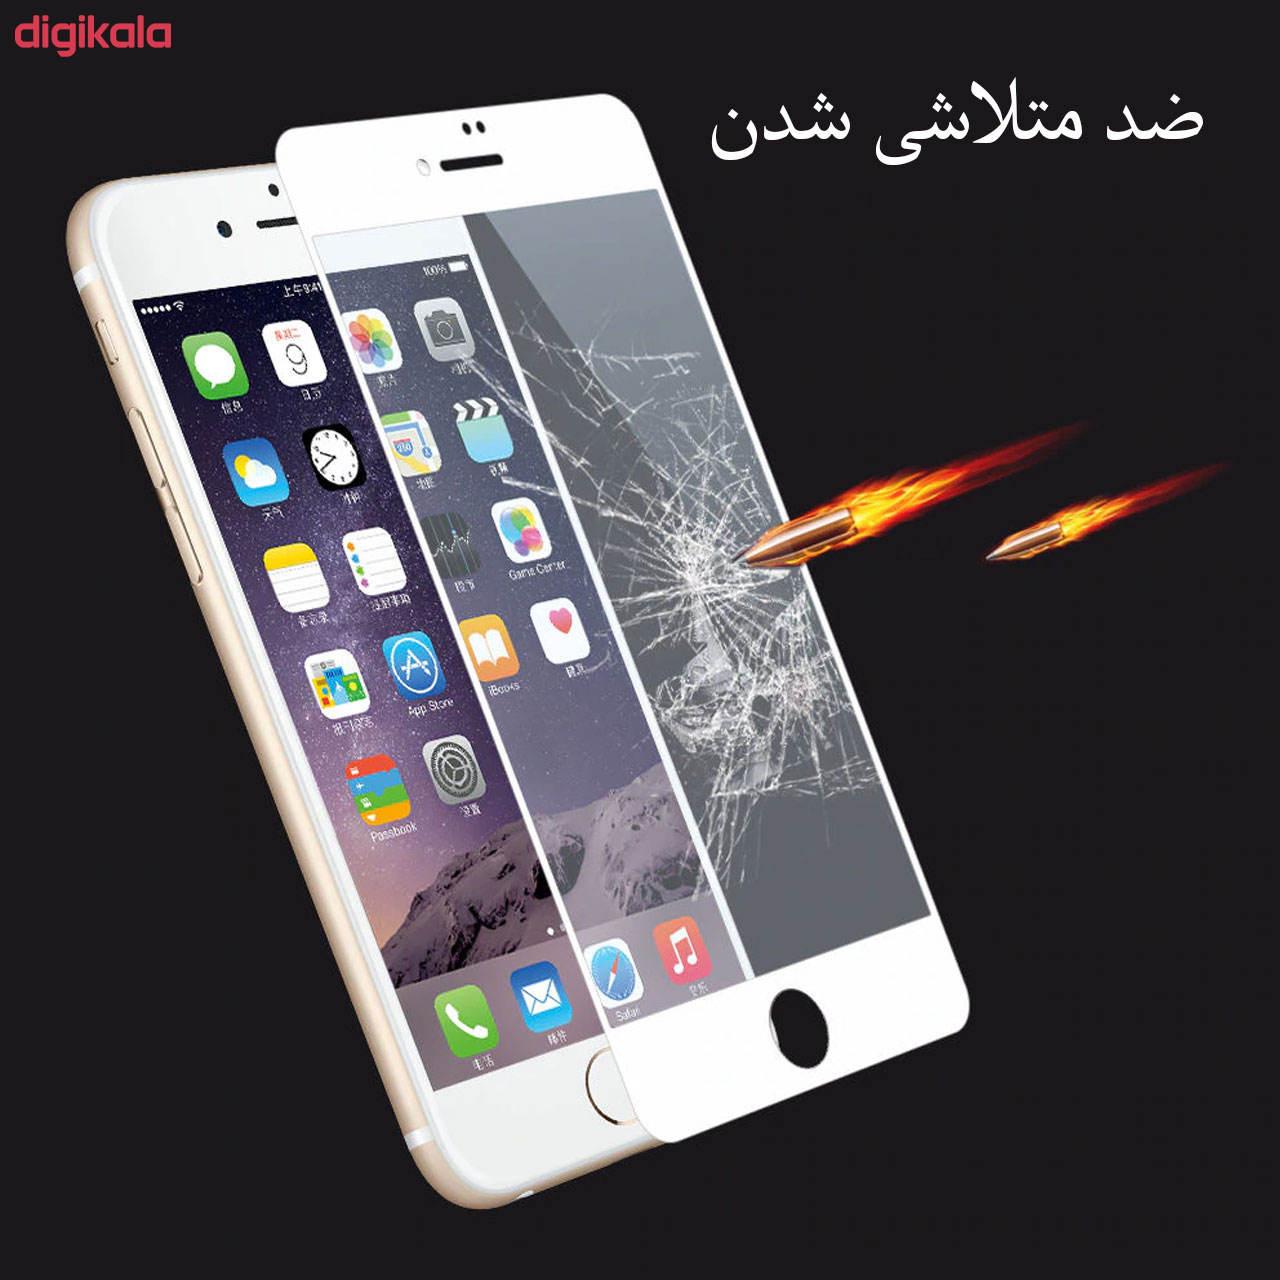 محافظ صفحه نمایش مدل FCG مناسب برای گوشی موبایل اپل iPhone 7 Plus main 1 9